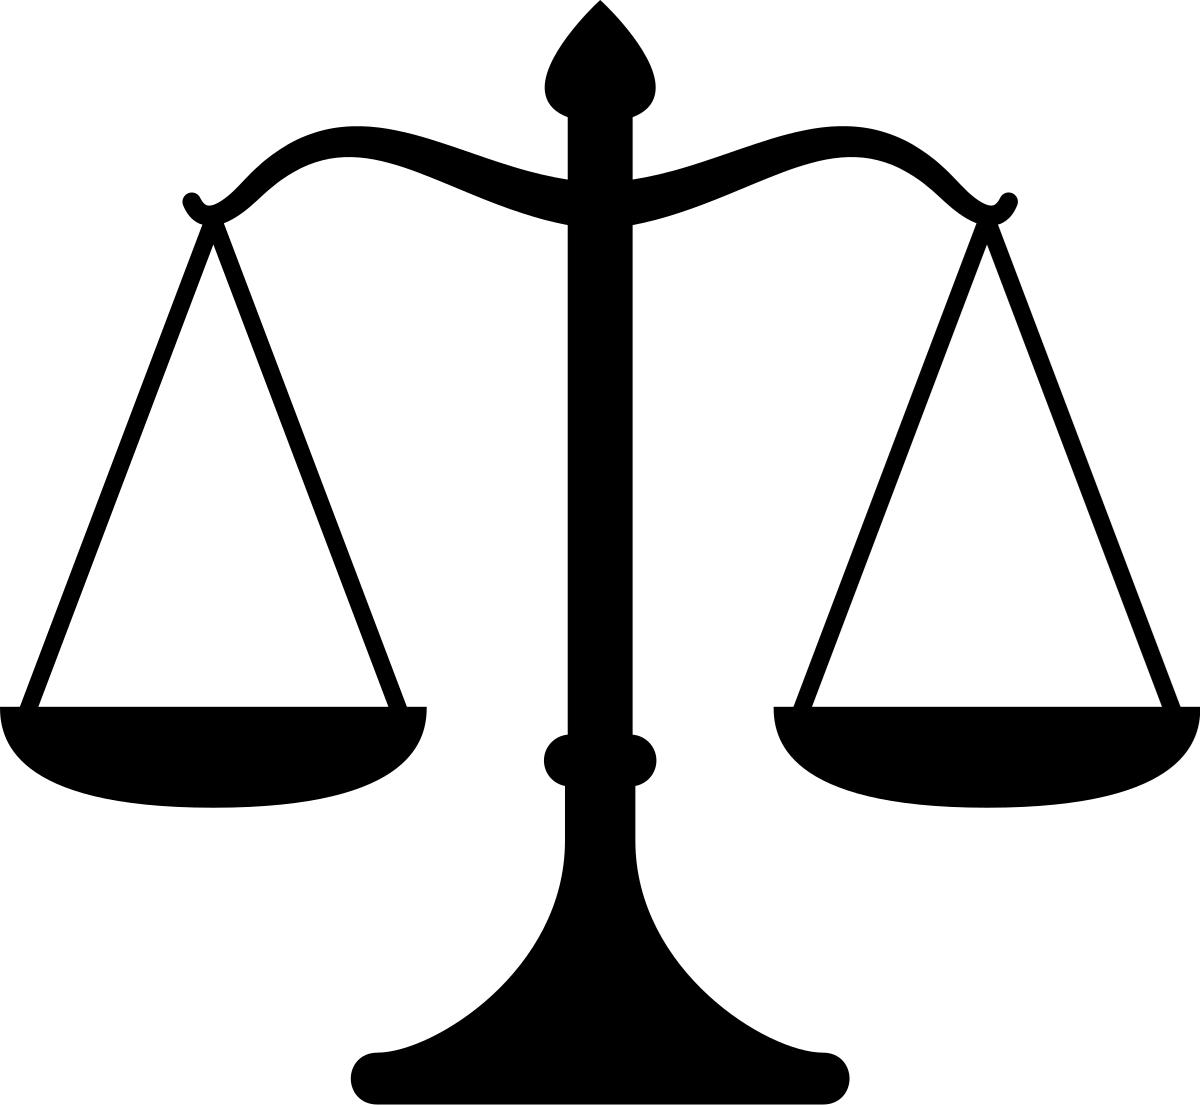 اثر متقابل رای اداری و کیفری که از سوی مراجع قضایی صادر می شود